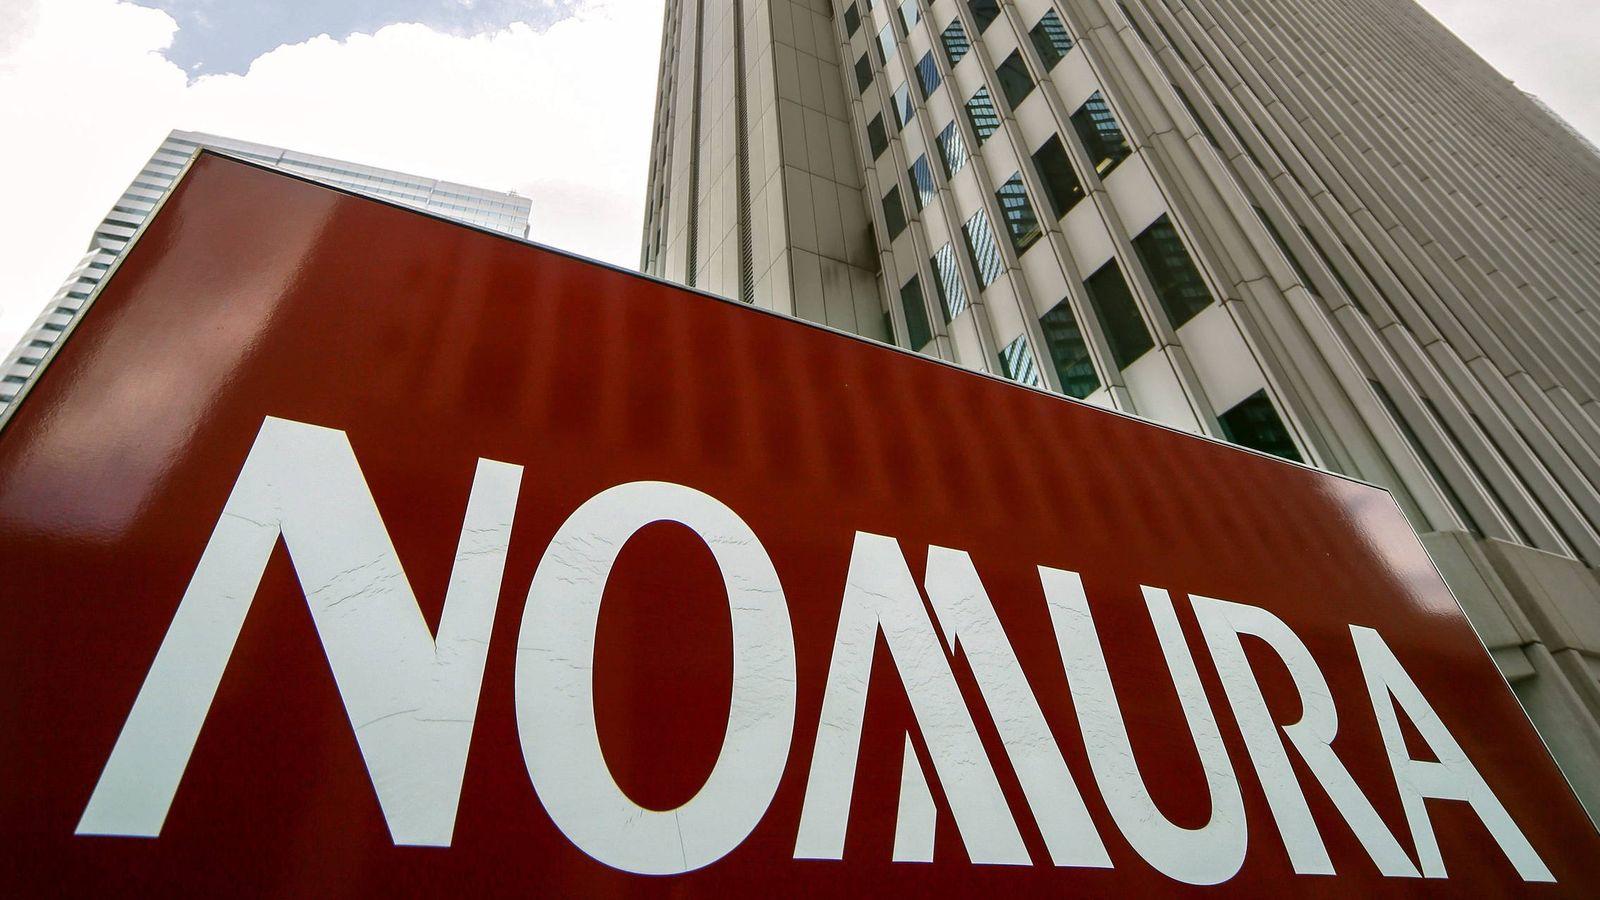 Foto: Logo del holding Nomura frente al edificio de la compañia Shinjuku en Tokio, Japón